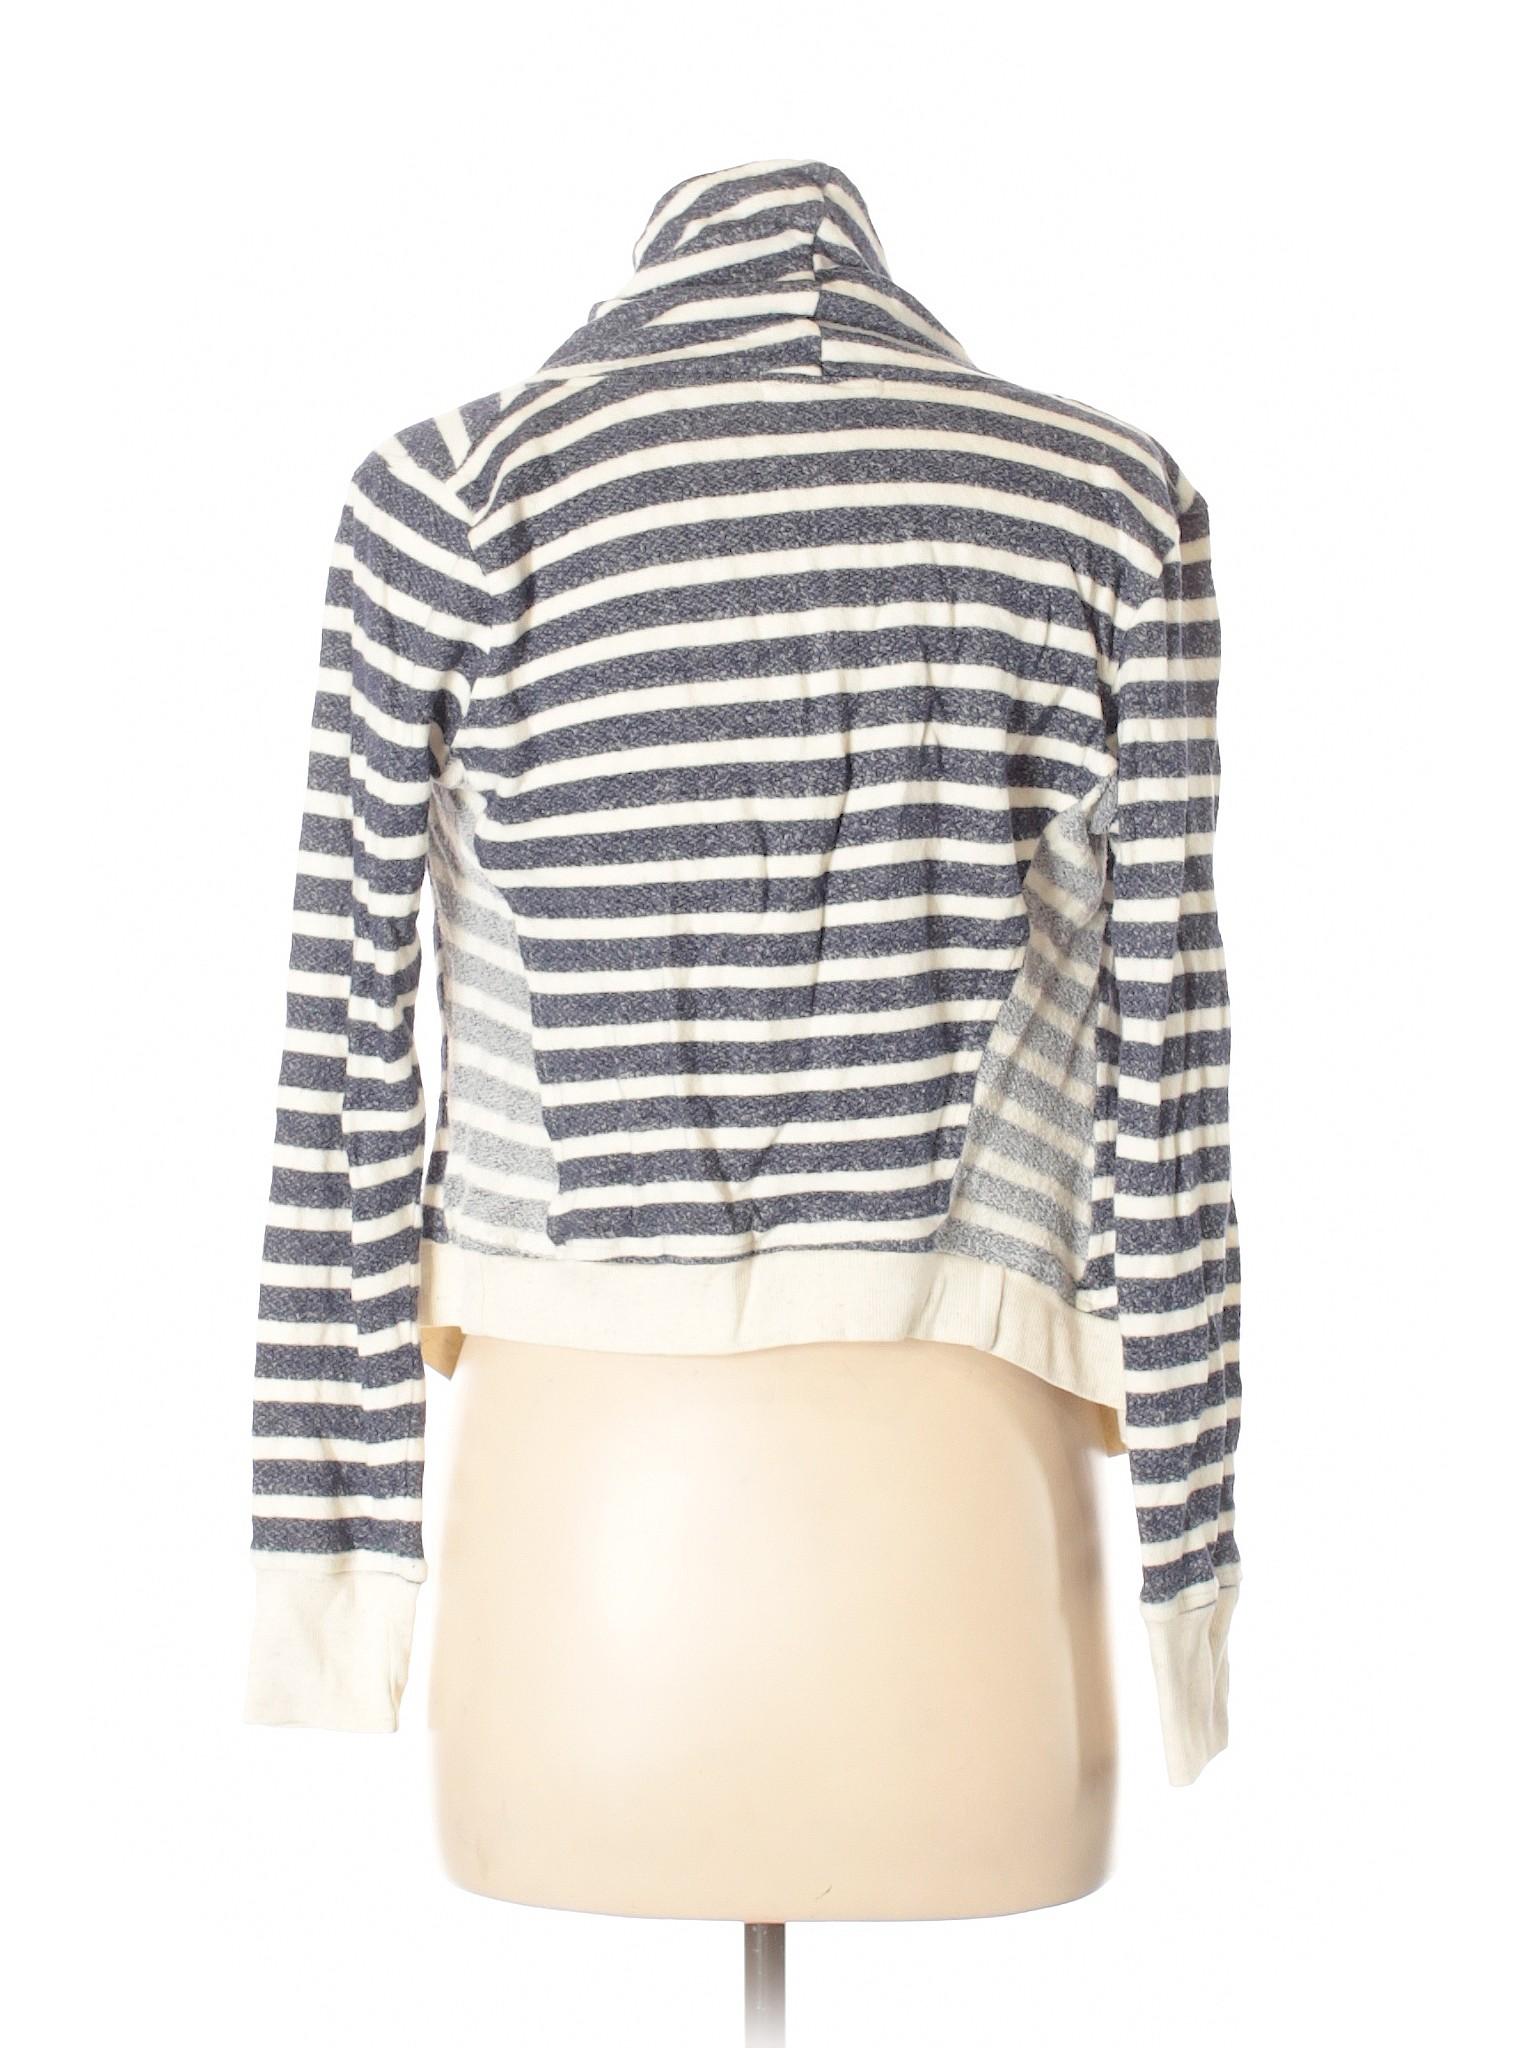 Boutique Boutique Pullover Testament Boutique Sweater Sweater Testament Testament Pullover Testament Pullover Boutique Sweater qIw5fx